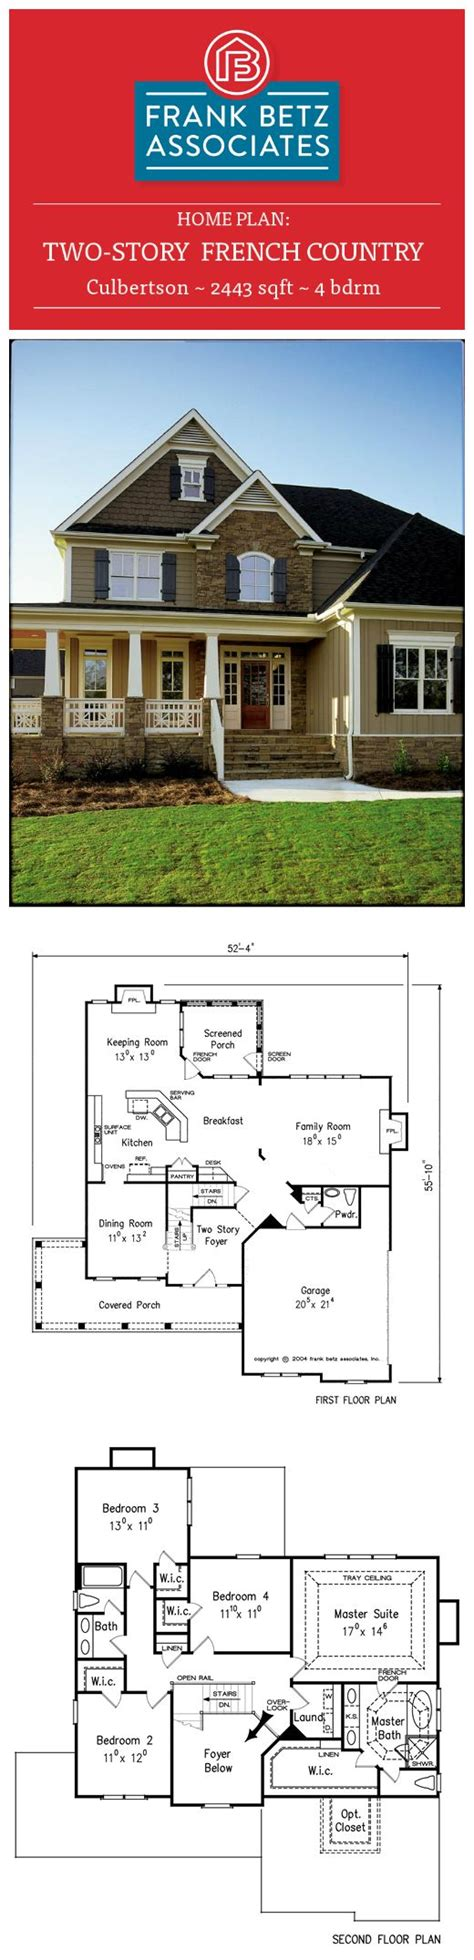 4 bdrm house plans 25 best ideas about house plans design on